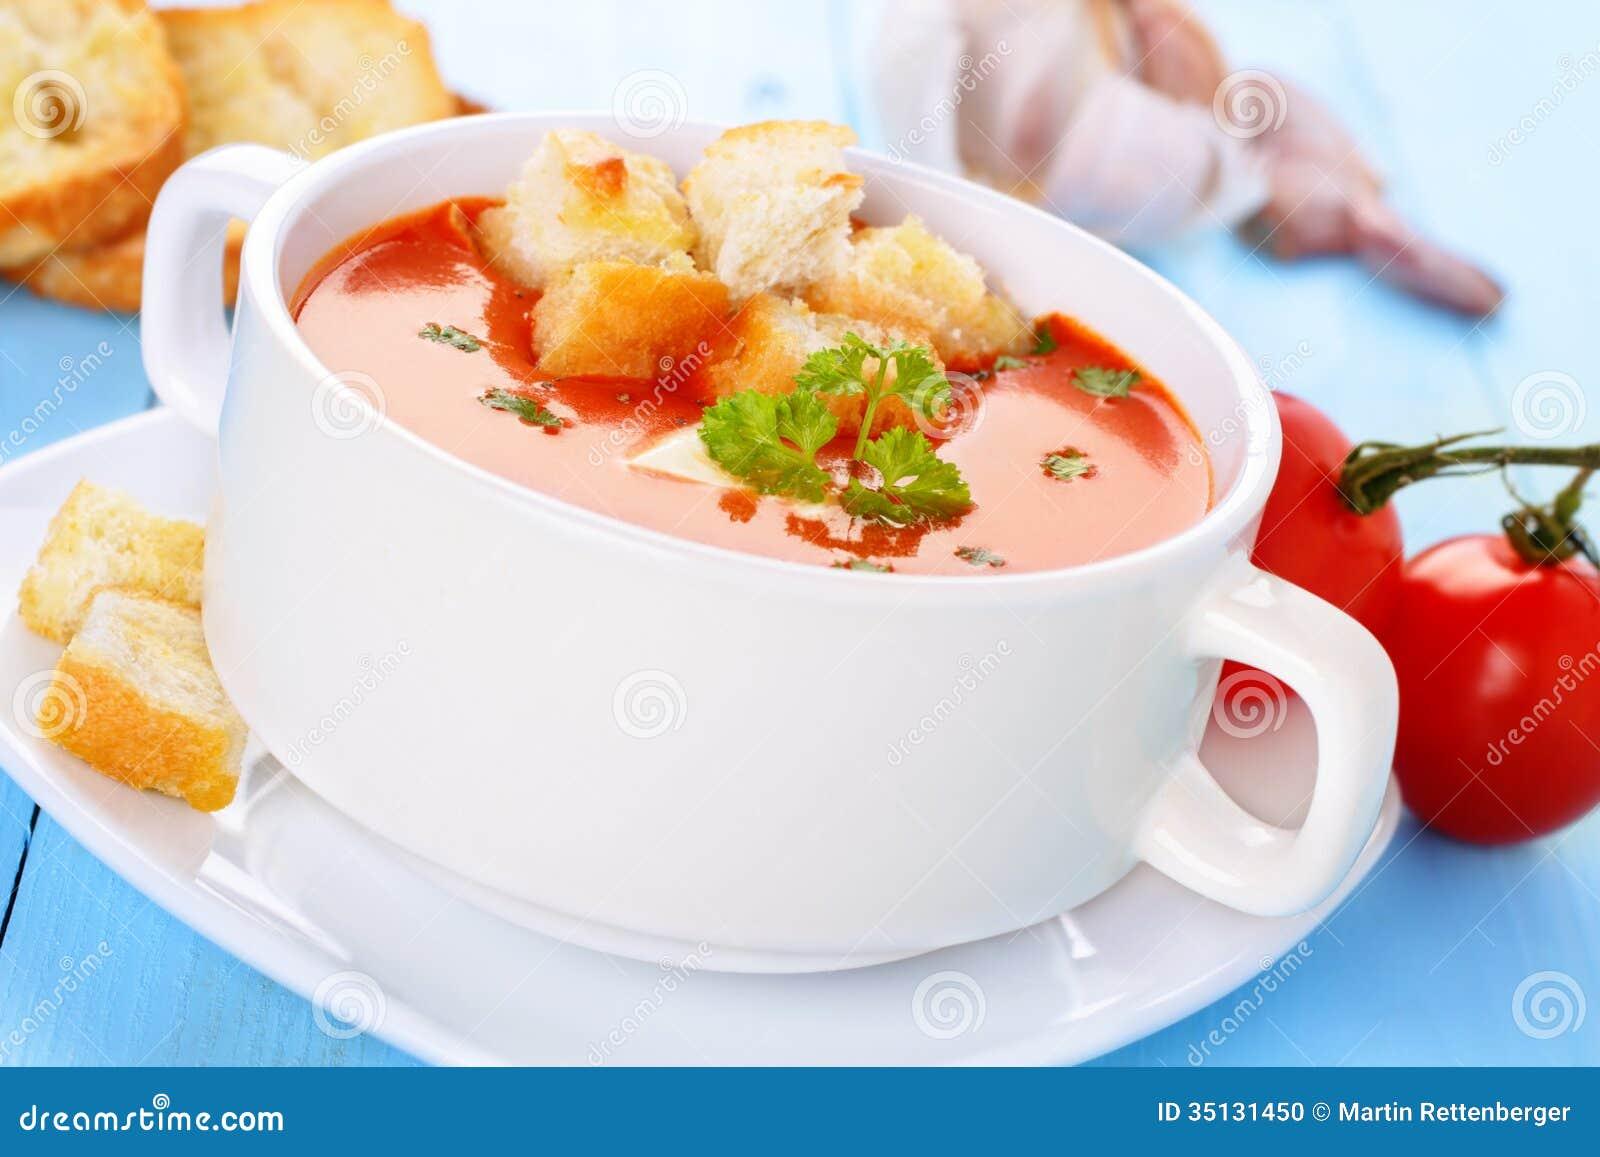 Soupe tomate avec des cro tons photo stock image 35131450 - Soupe de tomate maison ...